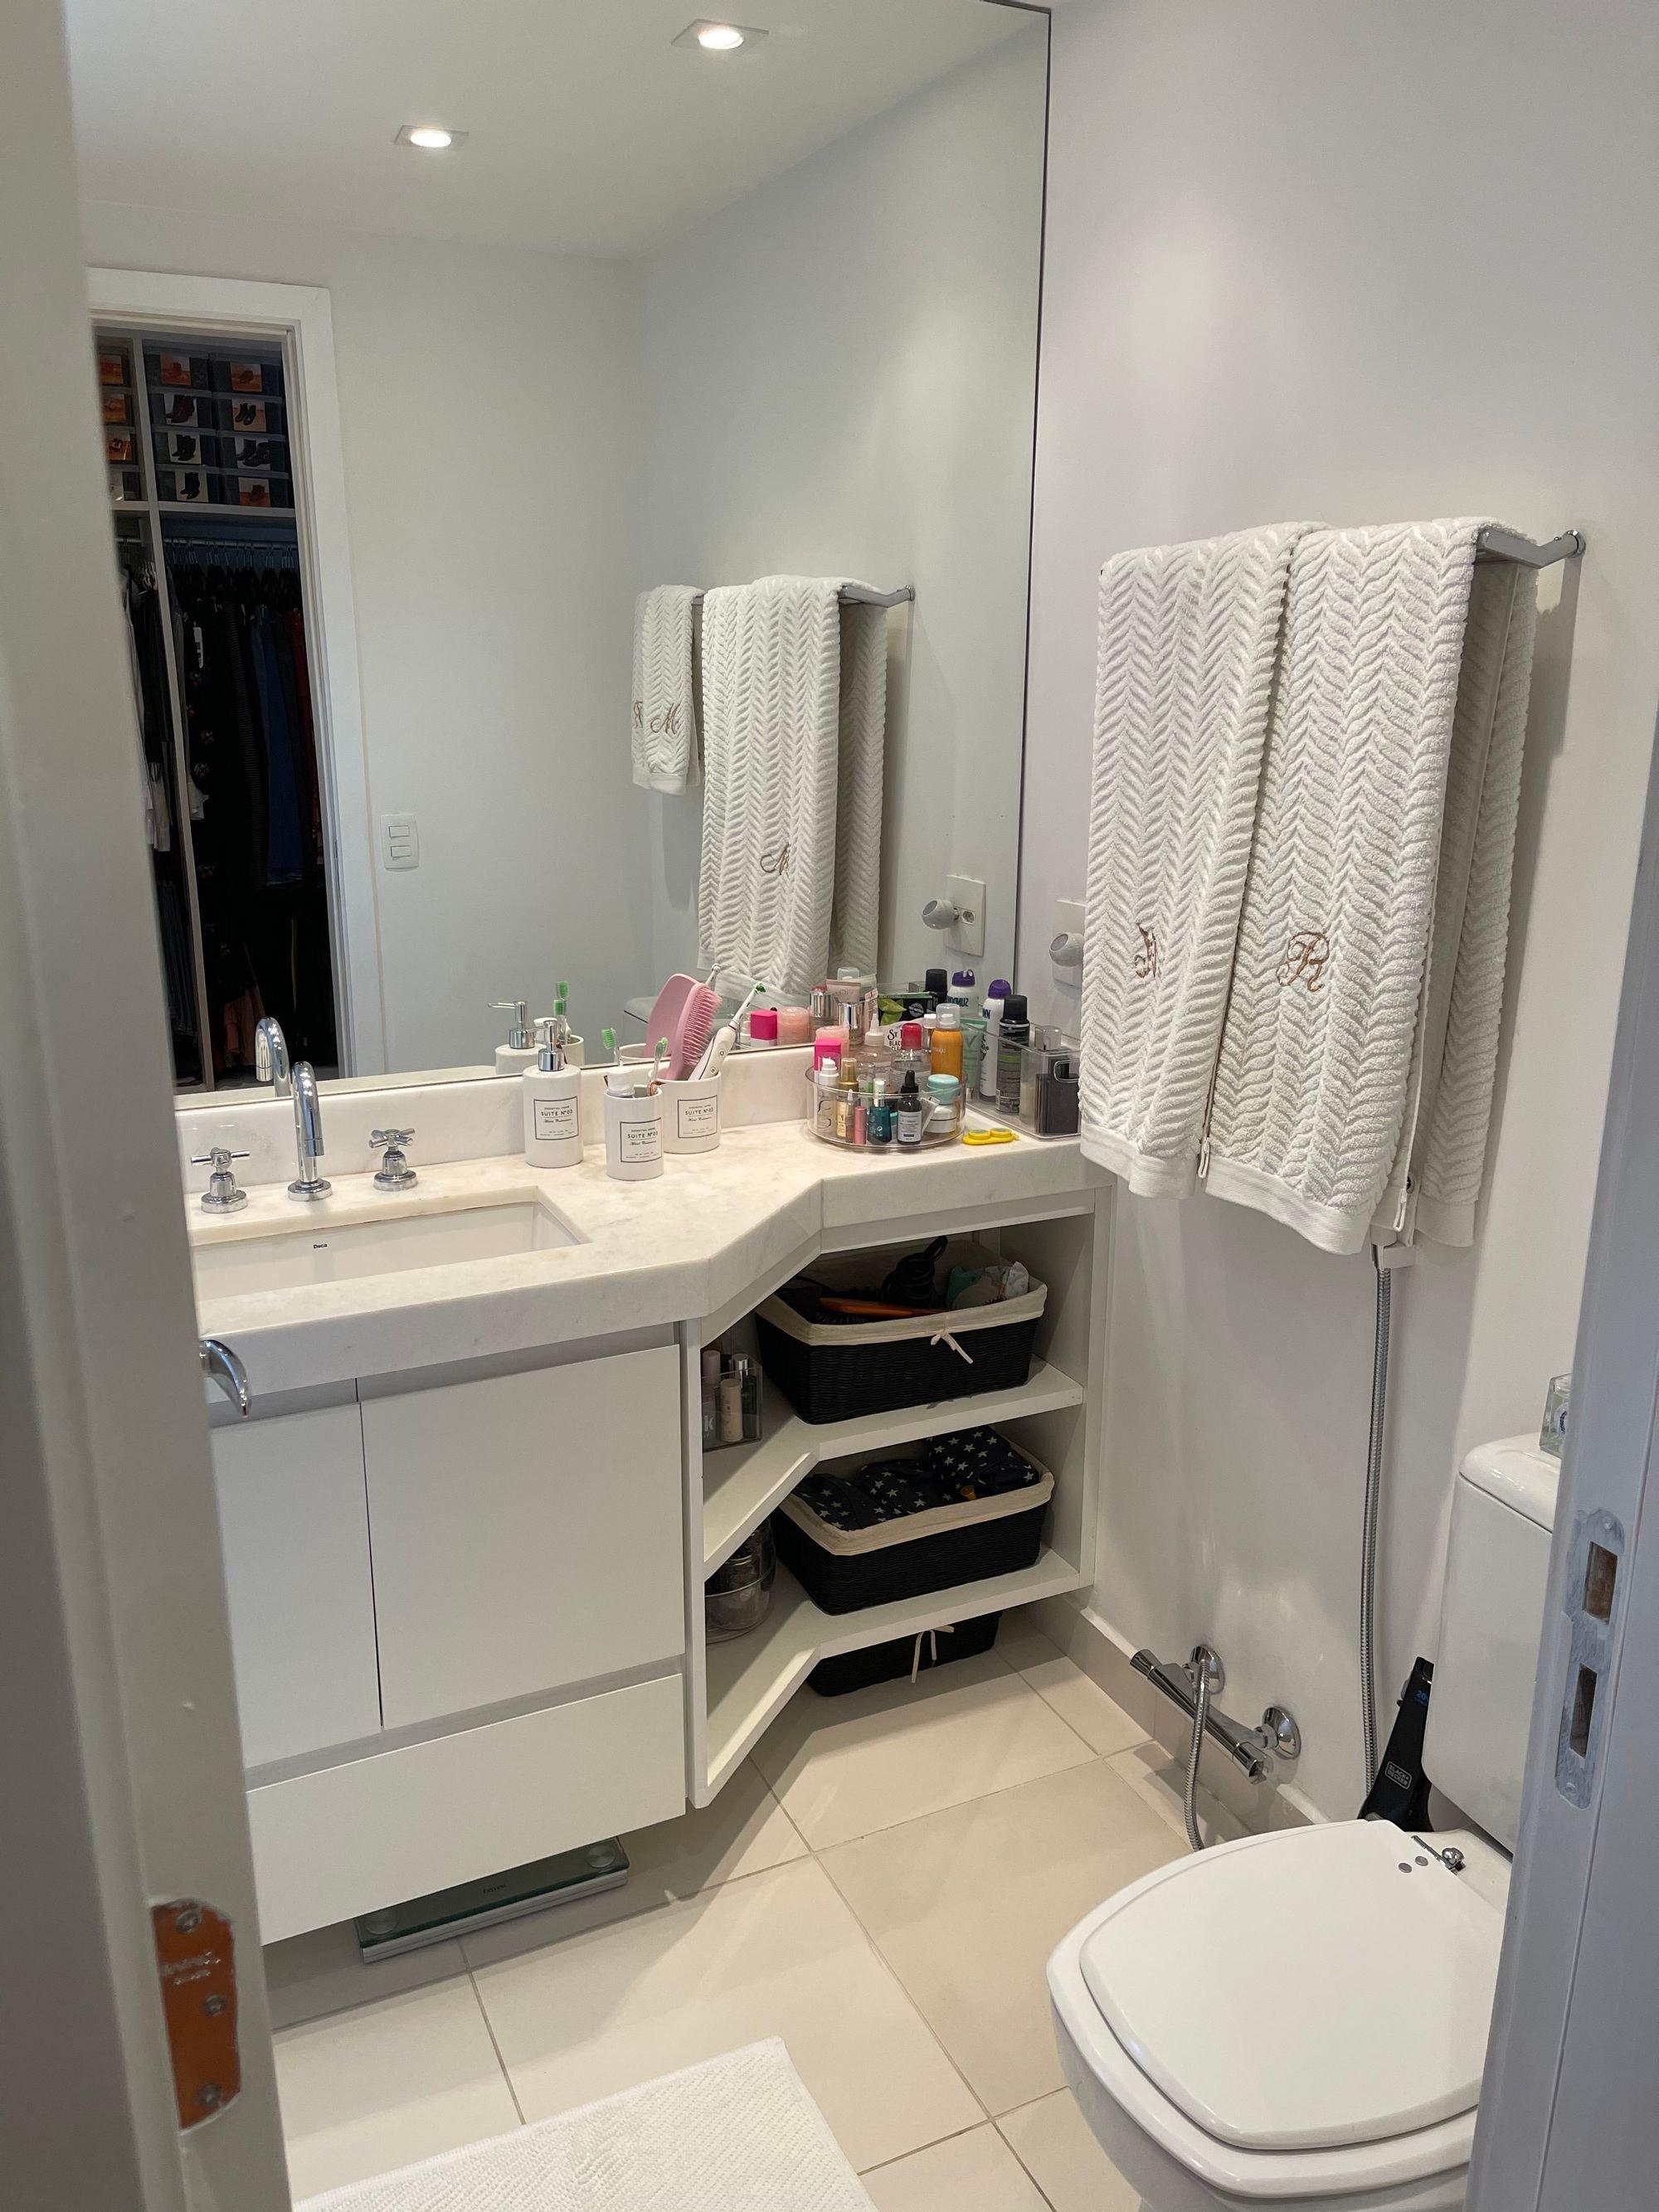 Foto de Banheiro com escova de dente, vaso sanitário, garrafa